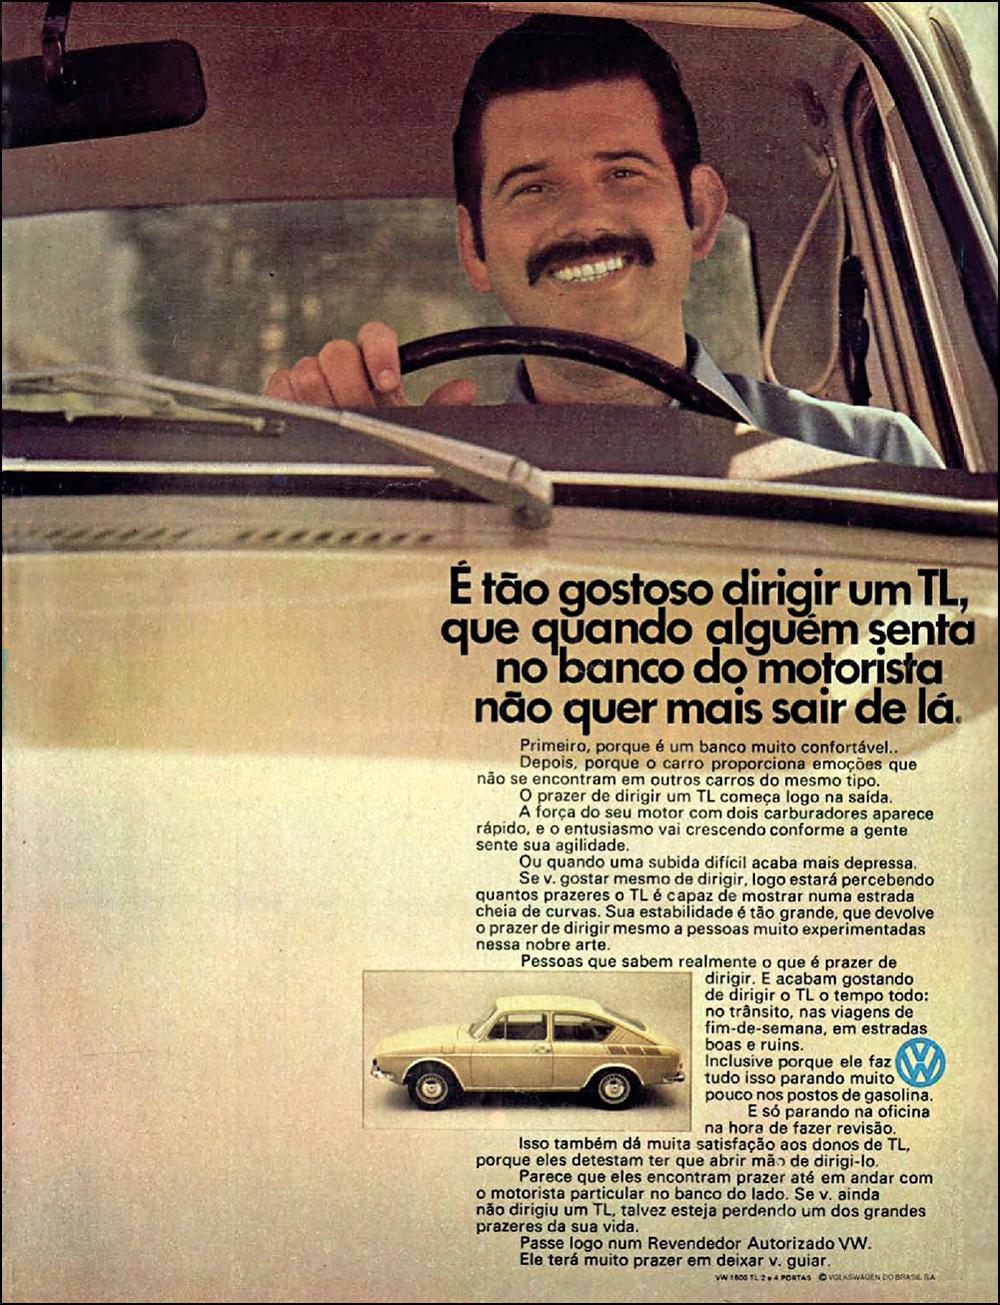 Anúncio antigo da Volkswagen promovendo o modelo TL em 1972